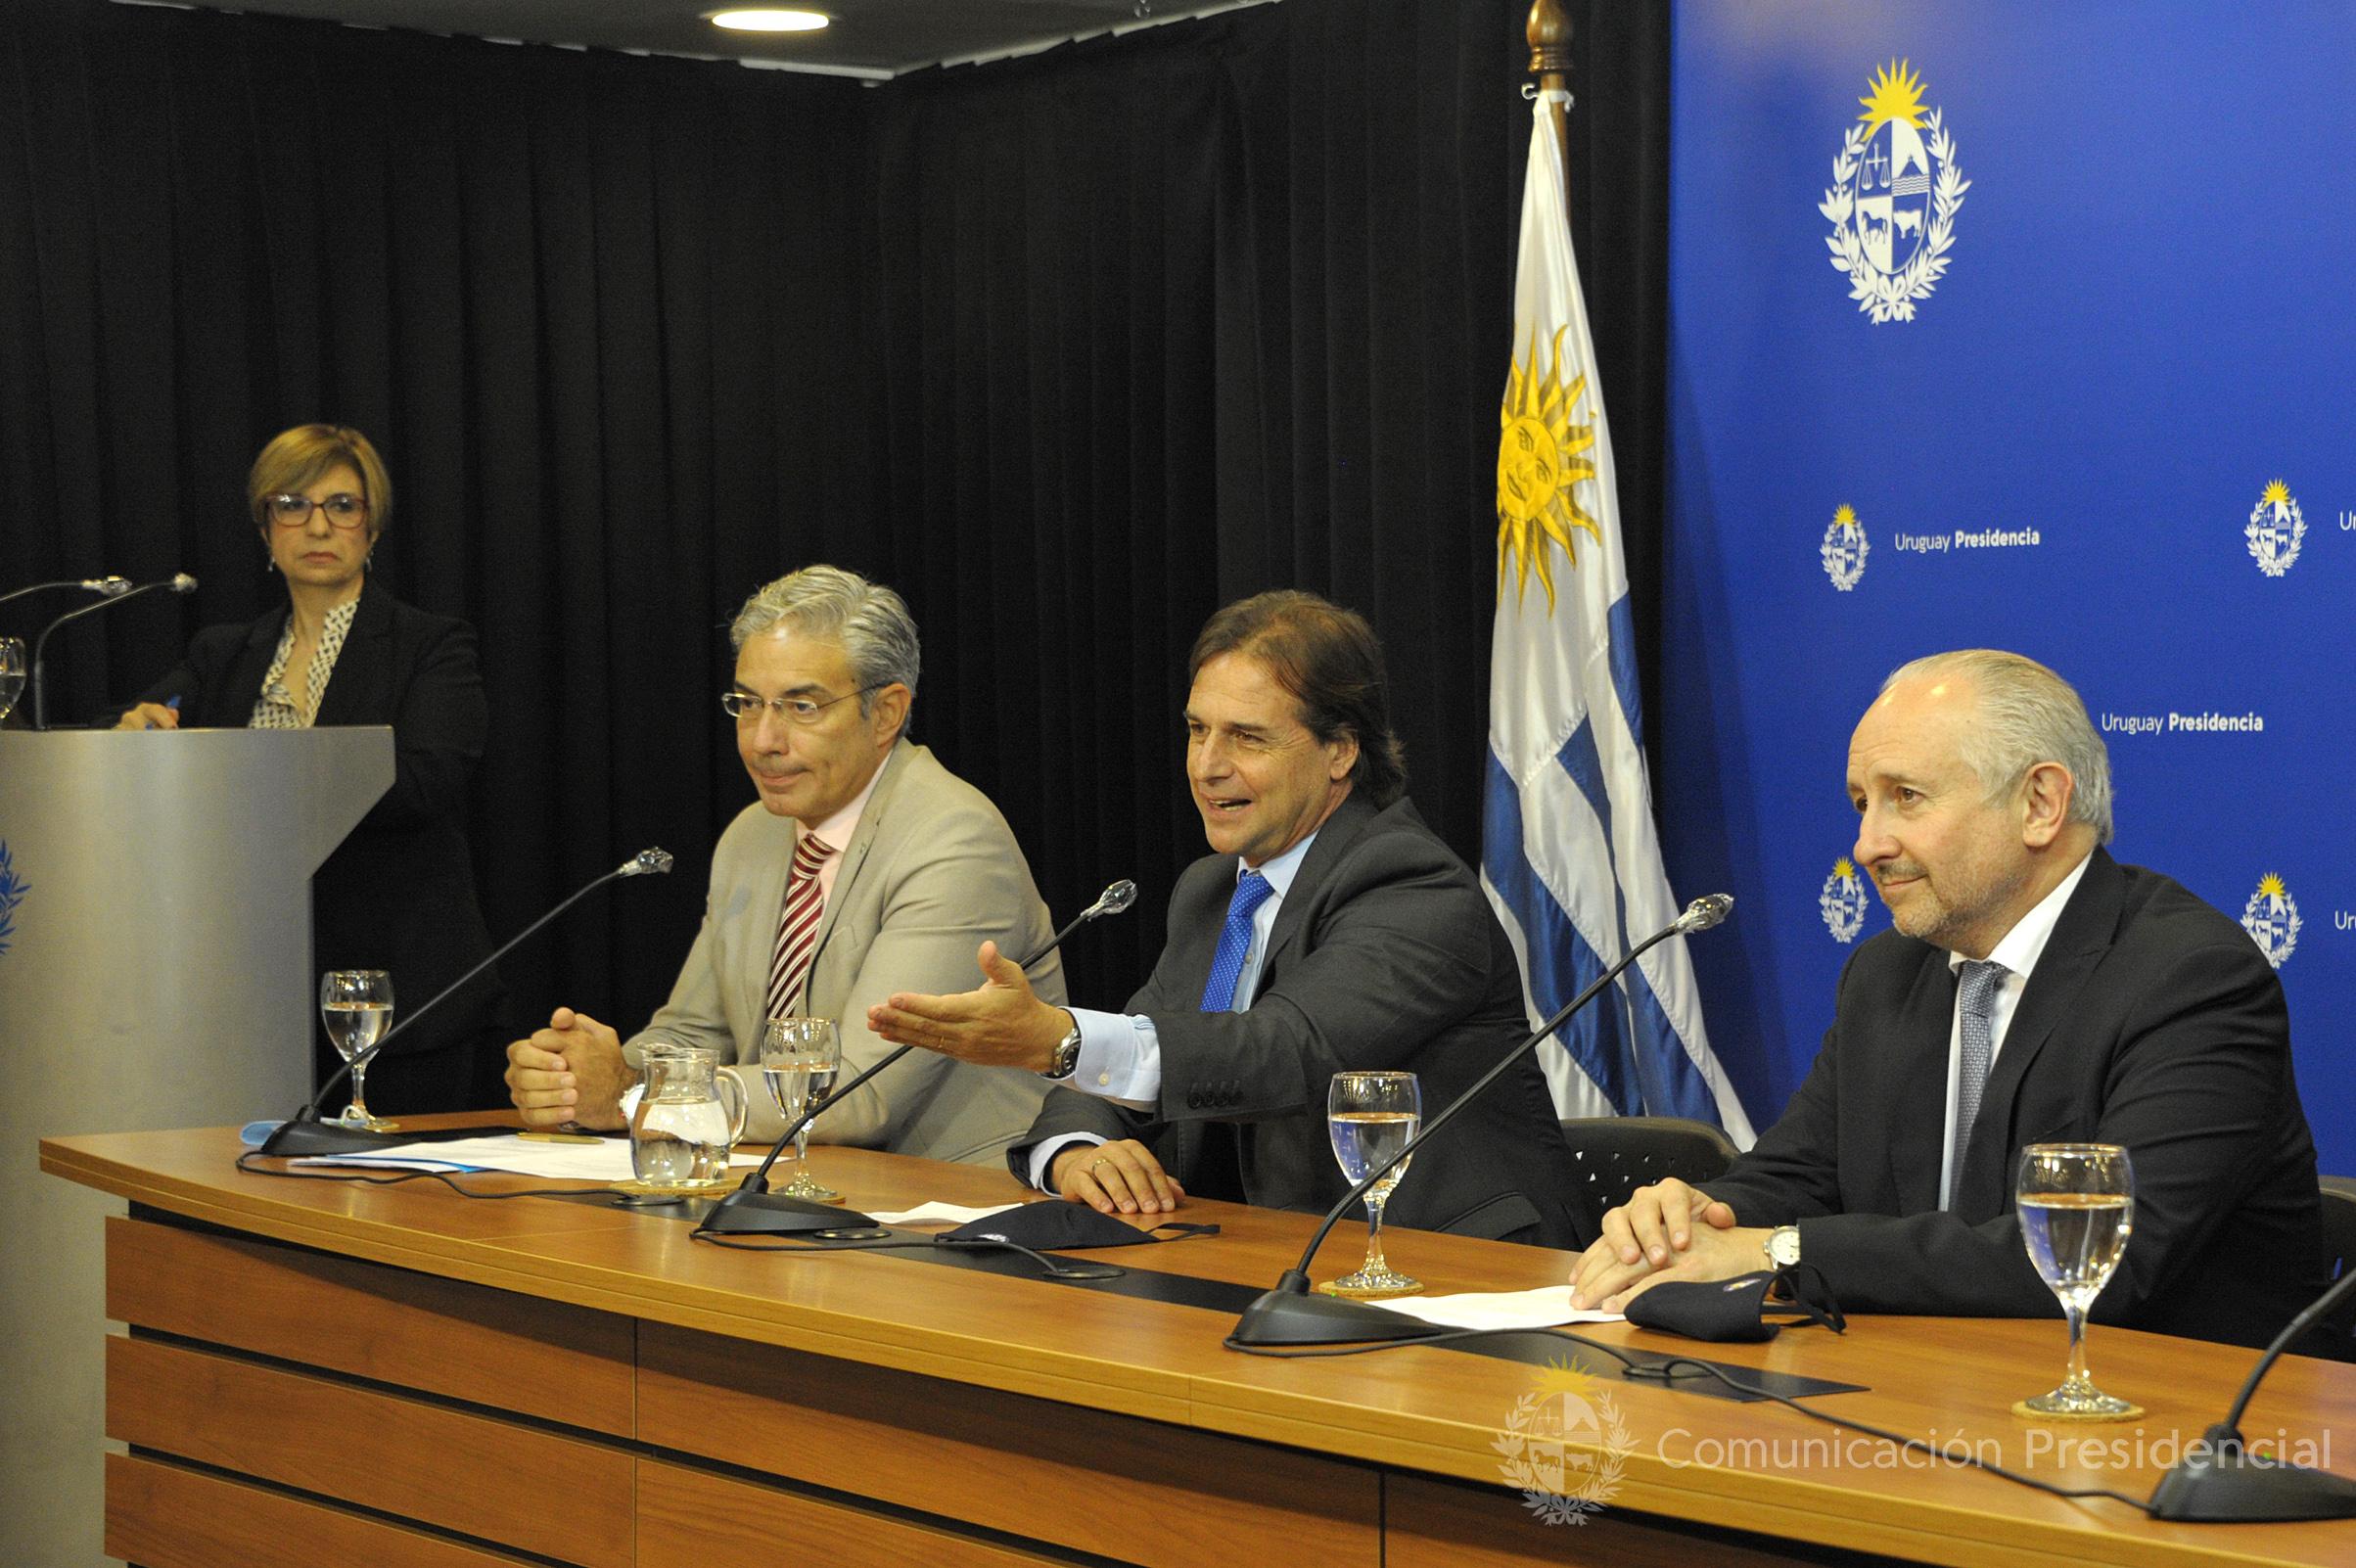 Robert Silva, presidente del Codicen de la ANEP, presidente de la República, Luis Lacalle Pou, y ministro de Educación y Cultura, Pablo da Silveira